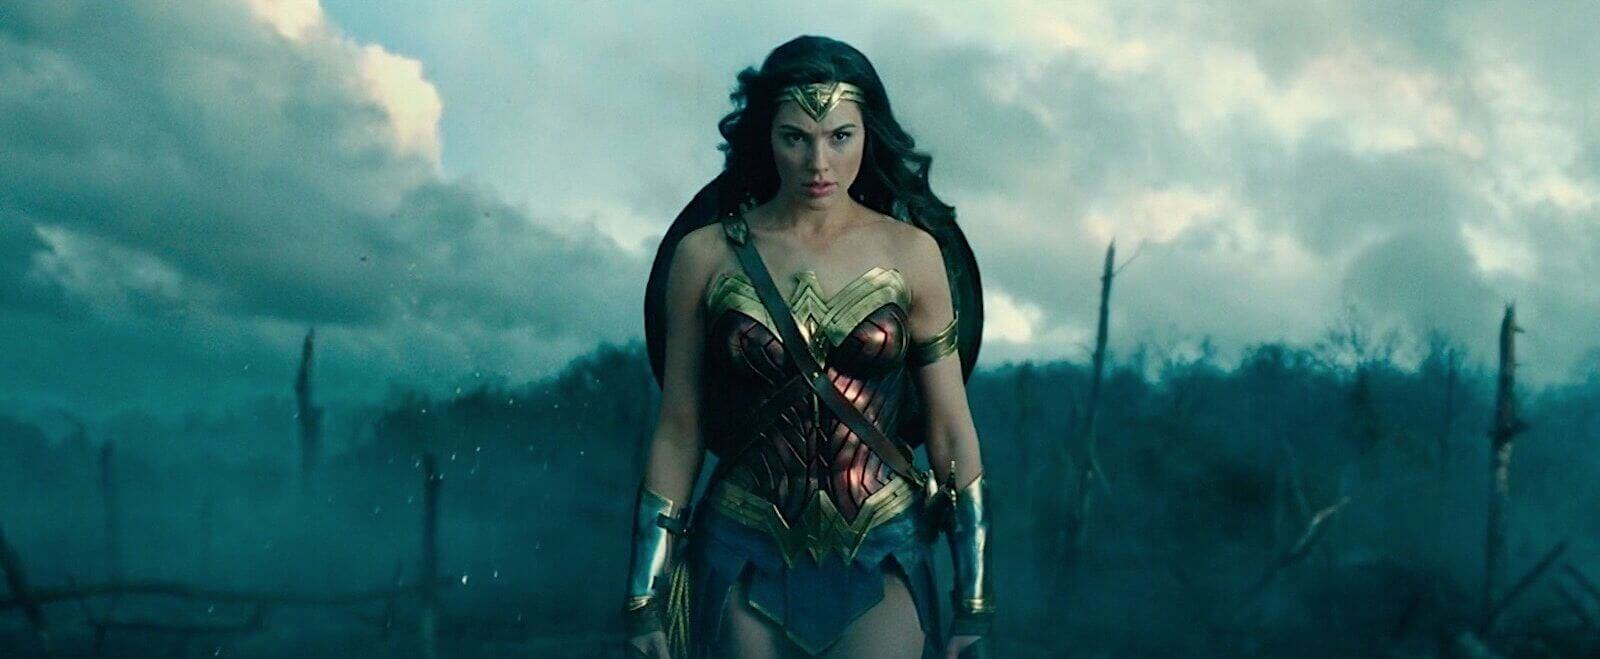 Wonder Woman — Medium long shot example